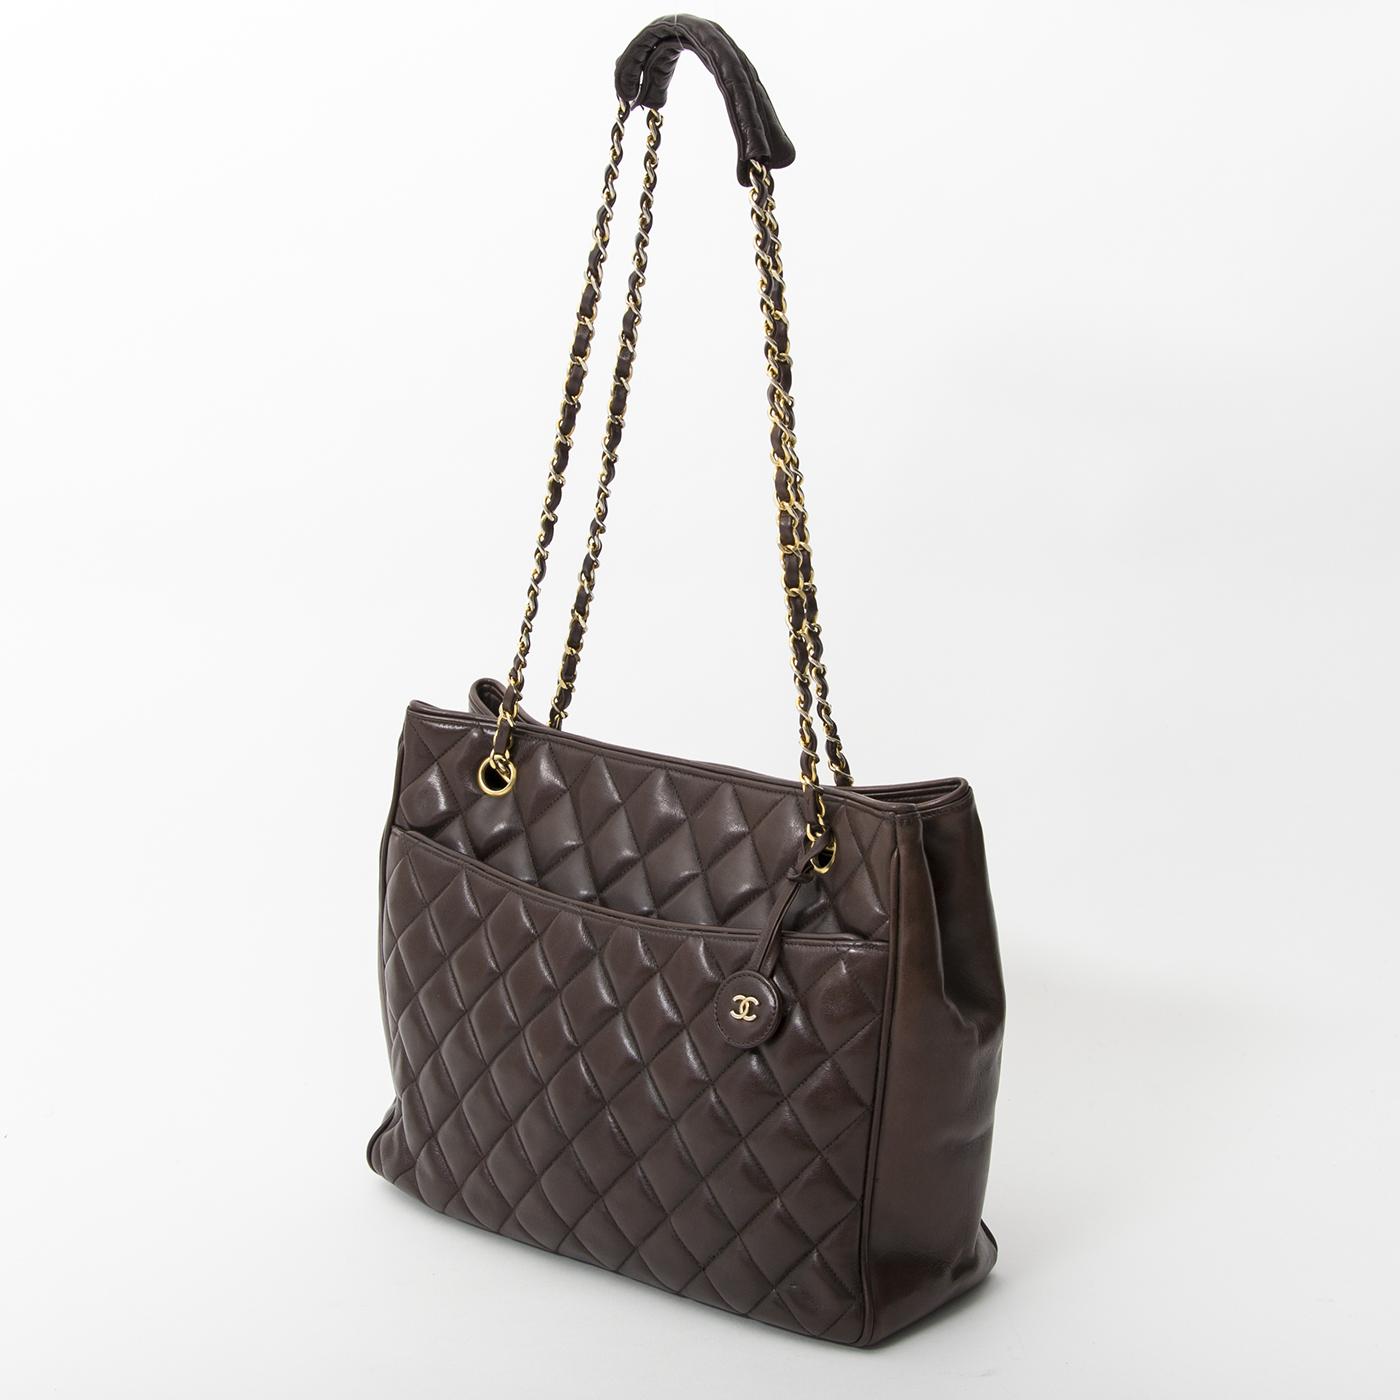 4cbe26c97f ... acheter en linge pour le meilleur prix sac a main Chanel Chocolat Brown  Quilted Lambskin Tote